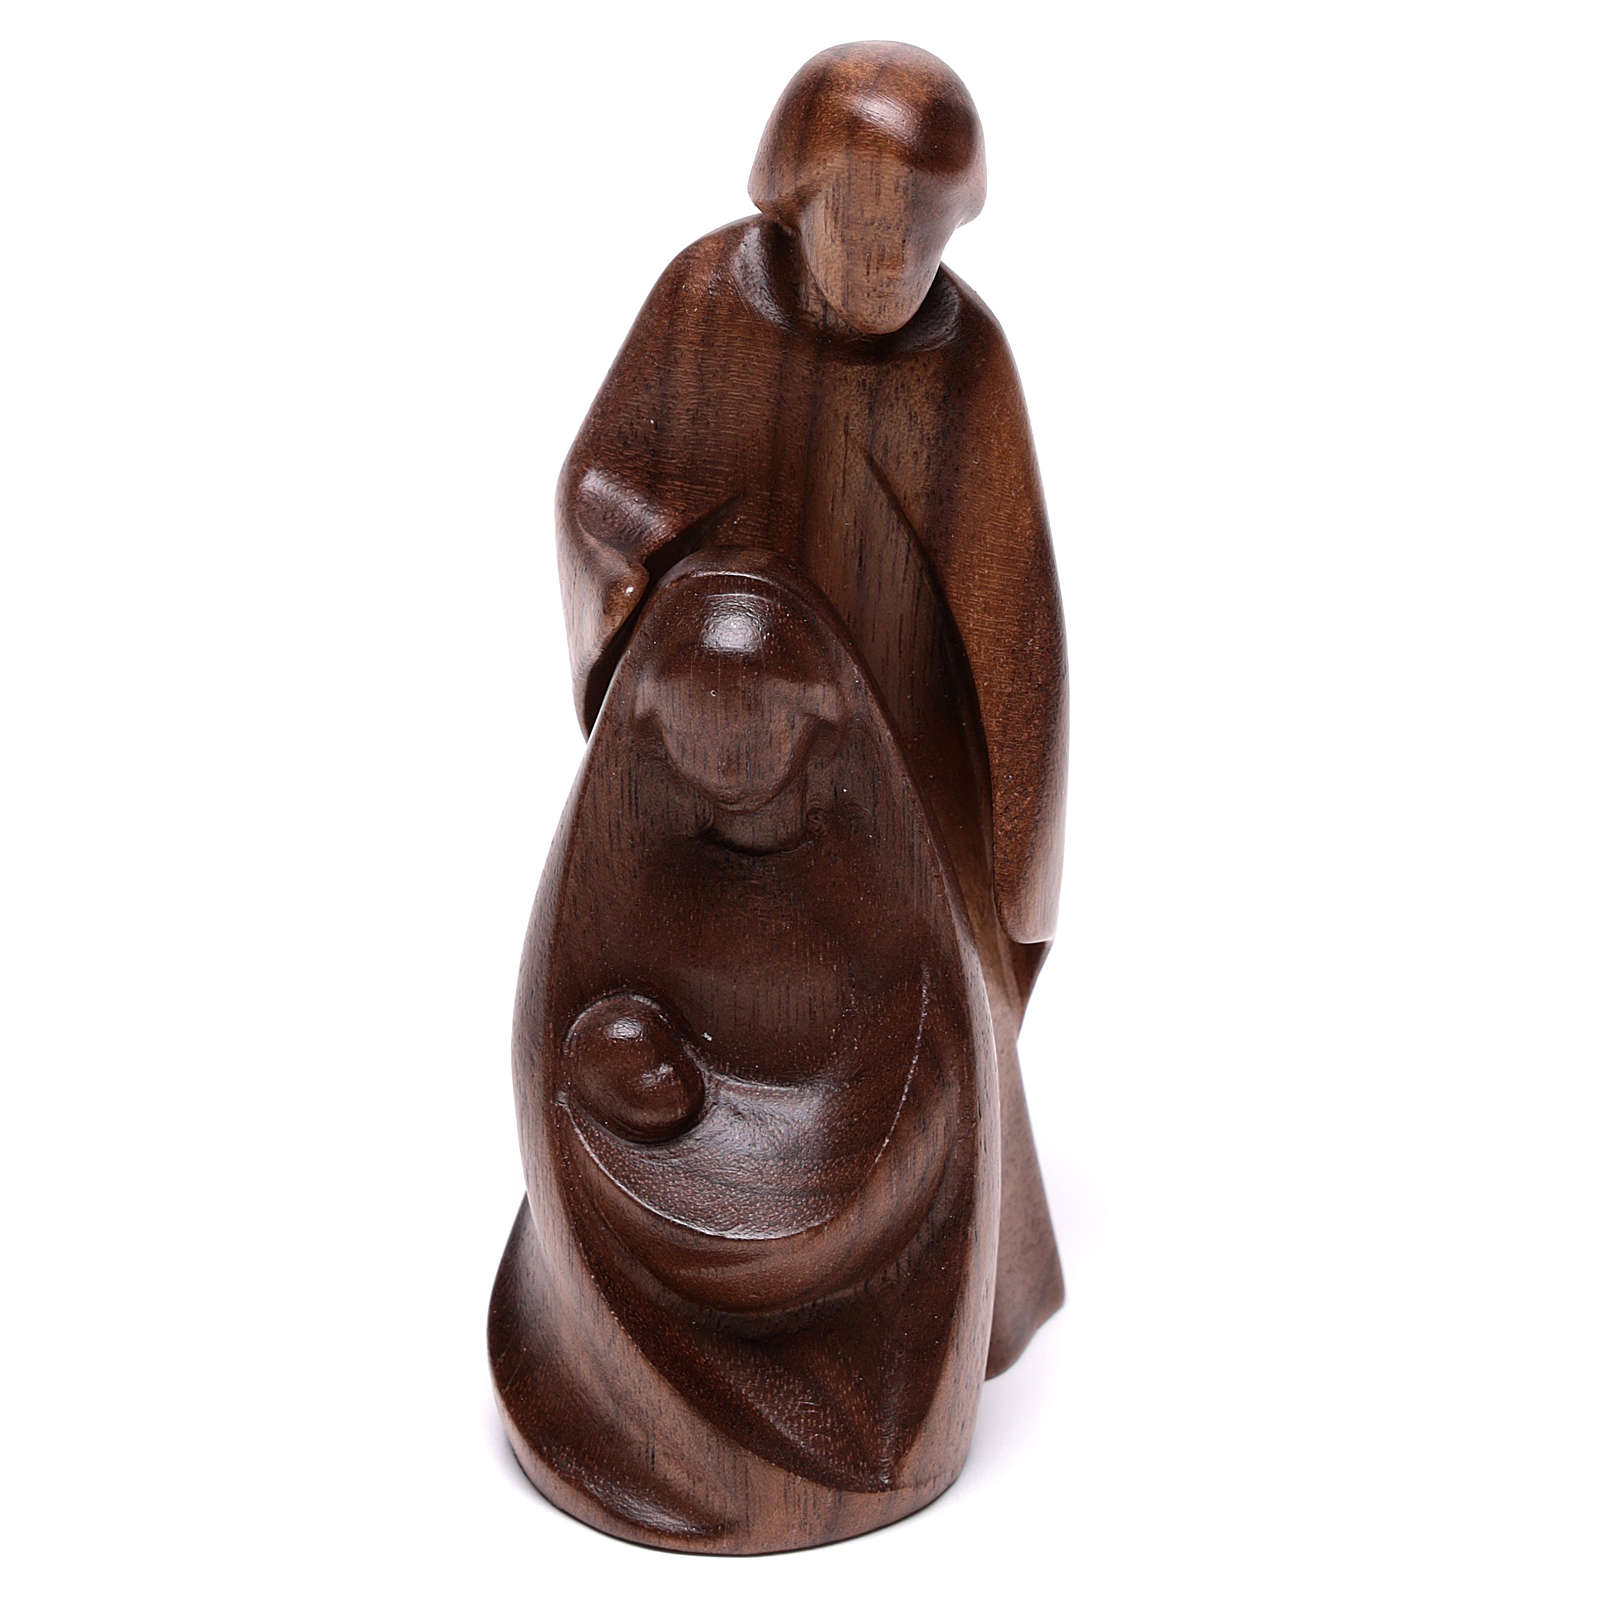 Natività La gioia due pezzi legno noce Valgardena 3